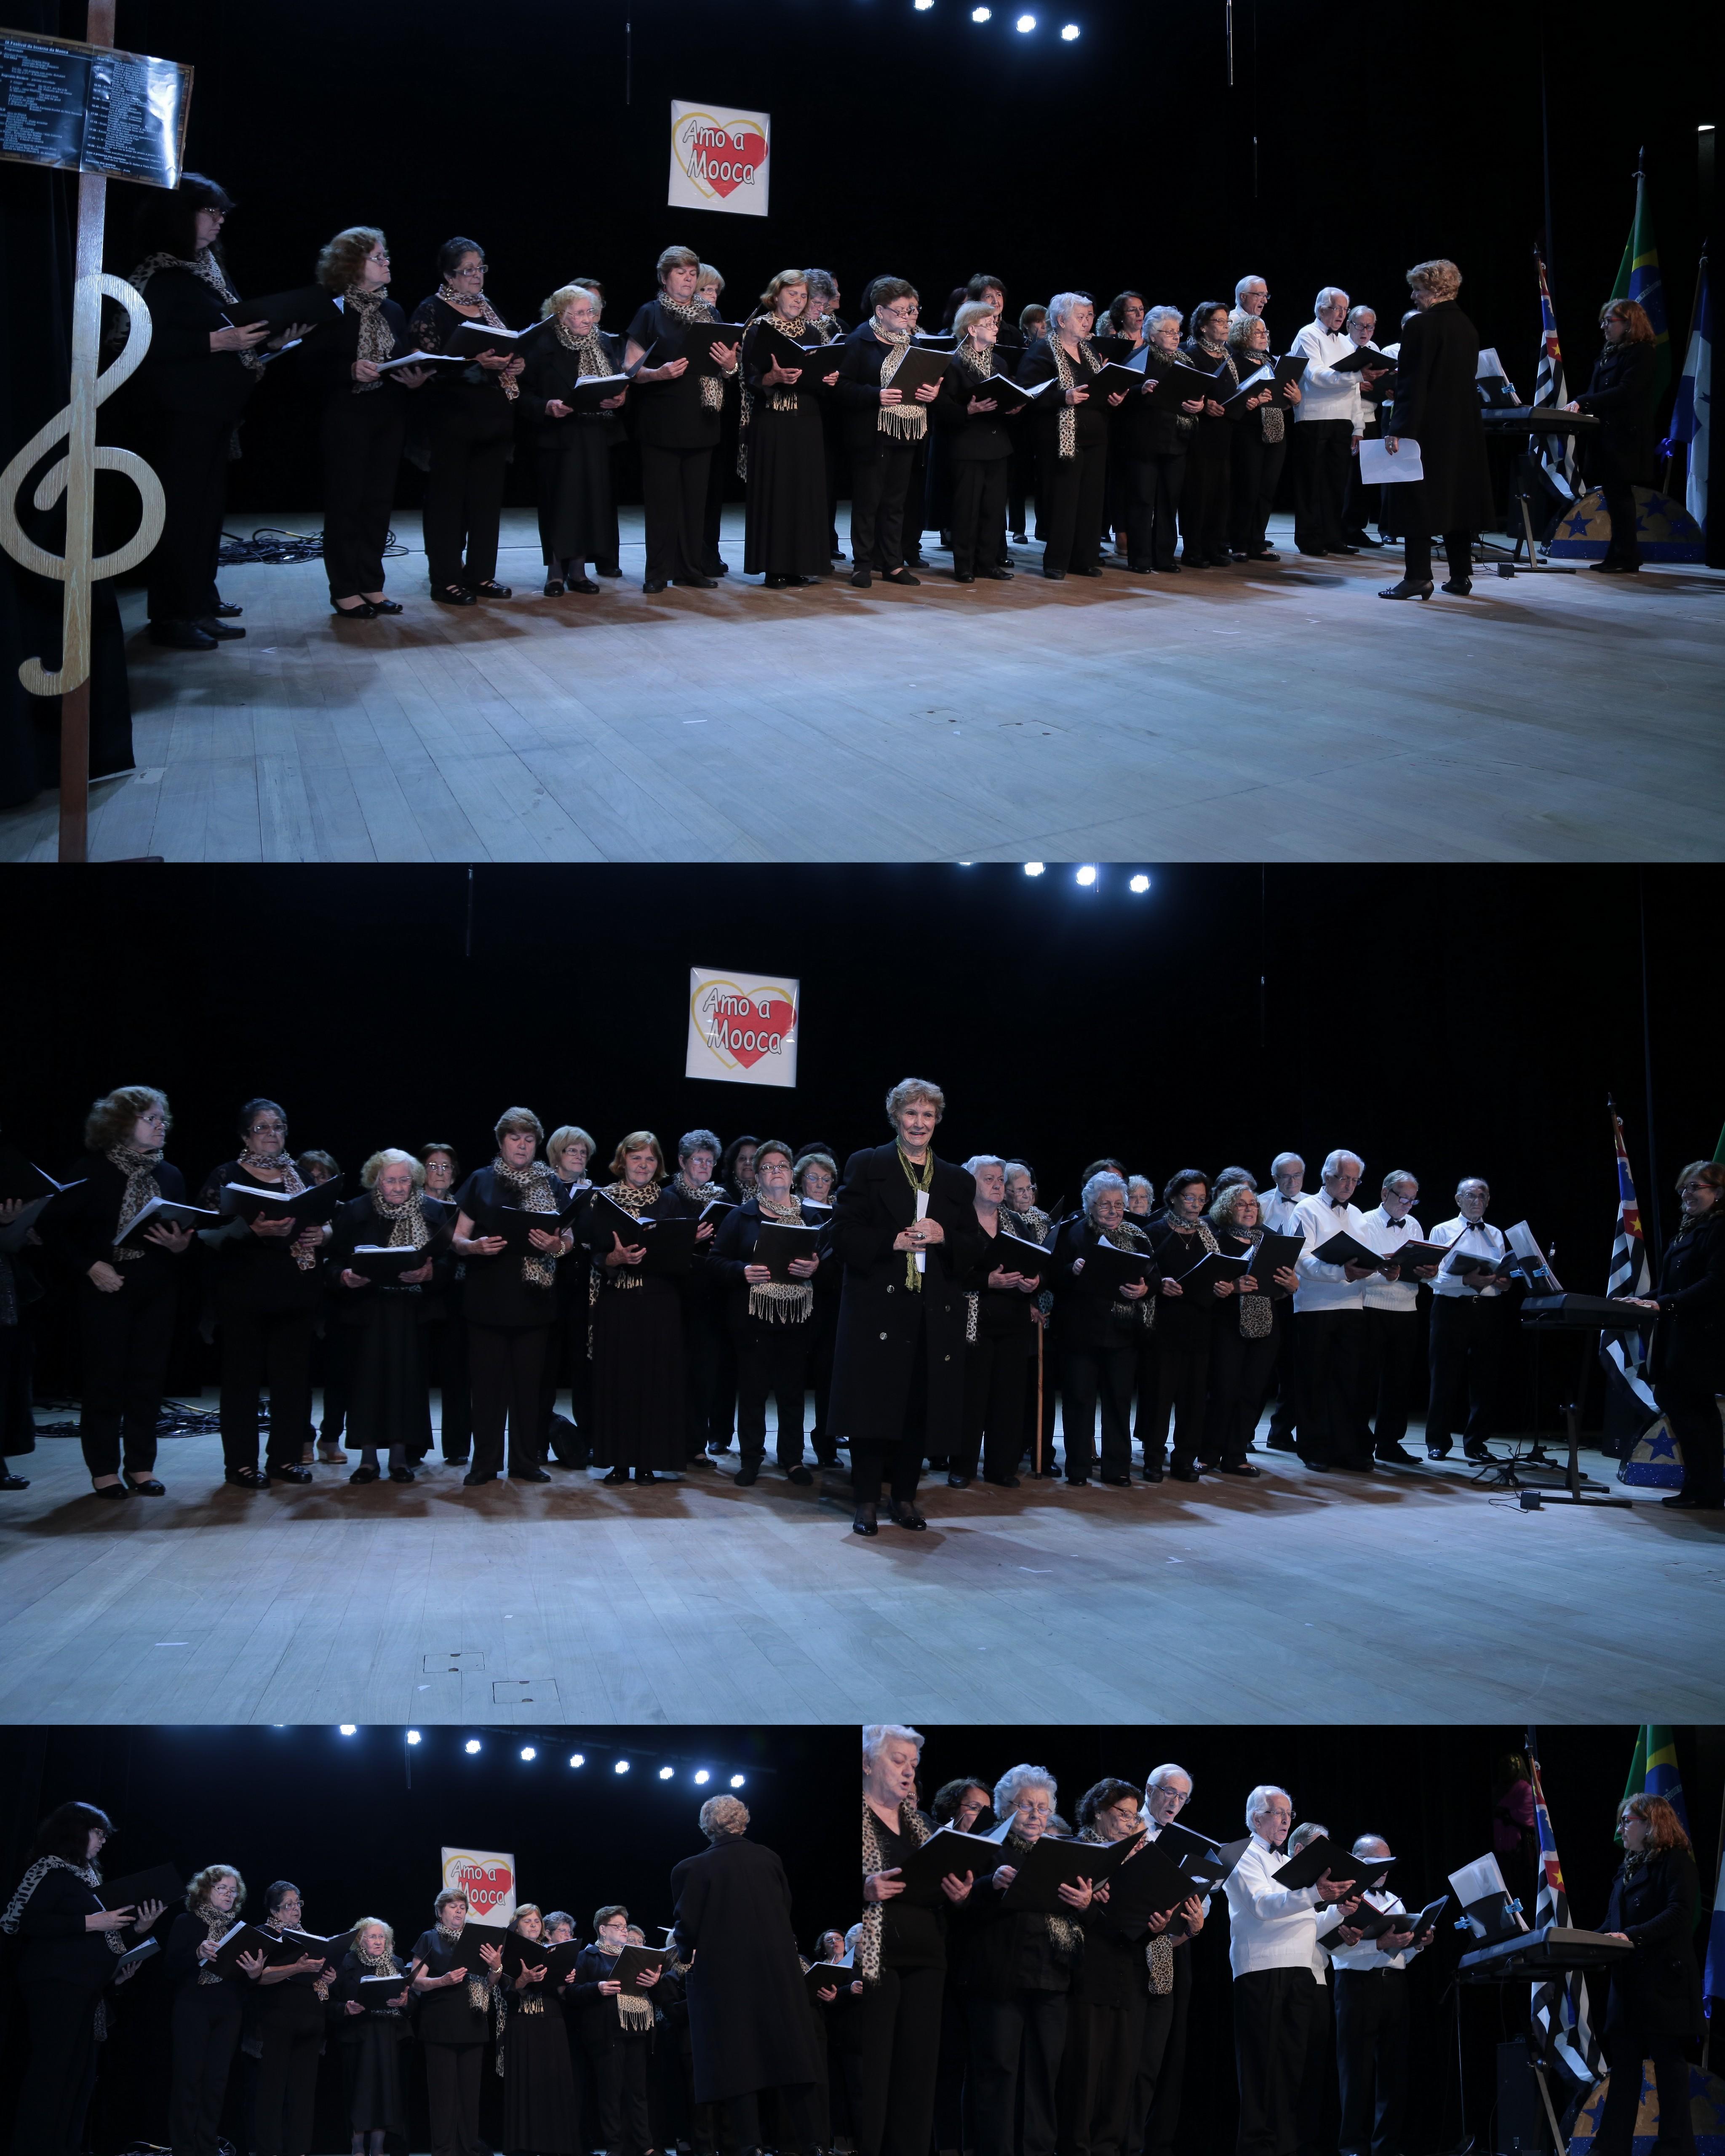 grande coro sao paulo